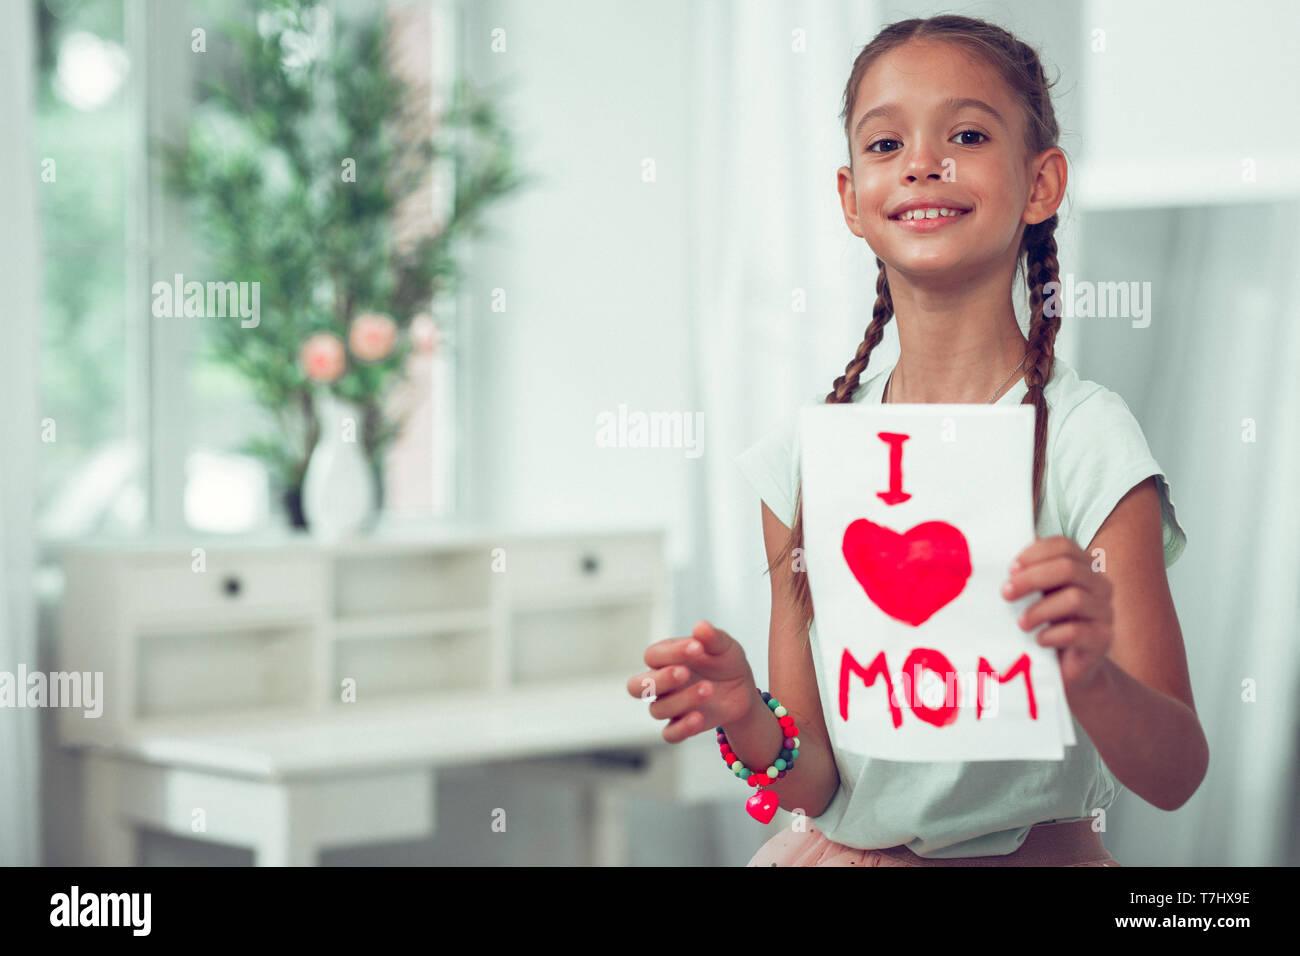 Strahlende Kind zeigt ein Gemälde mit ich Mom Zeichen der Liebe. Stockbild